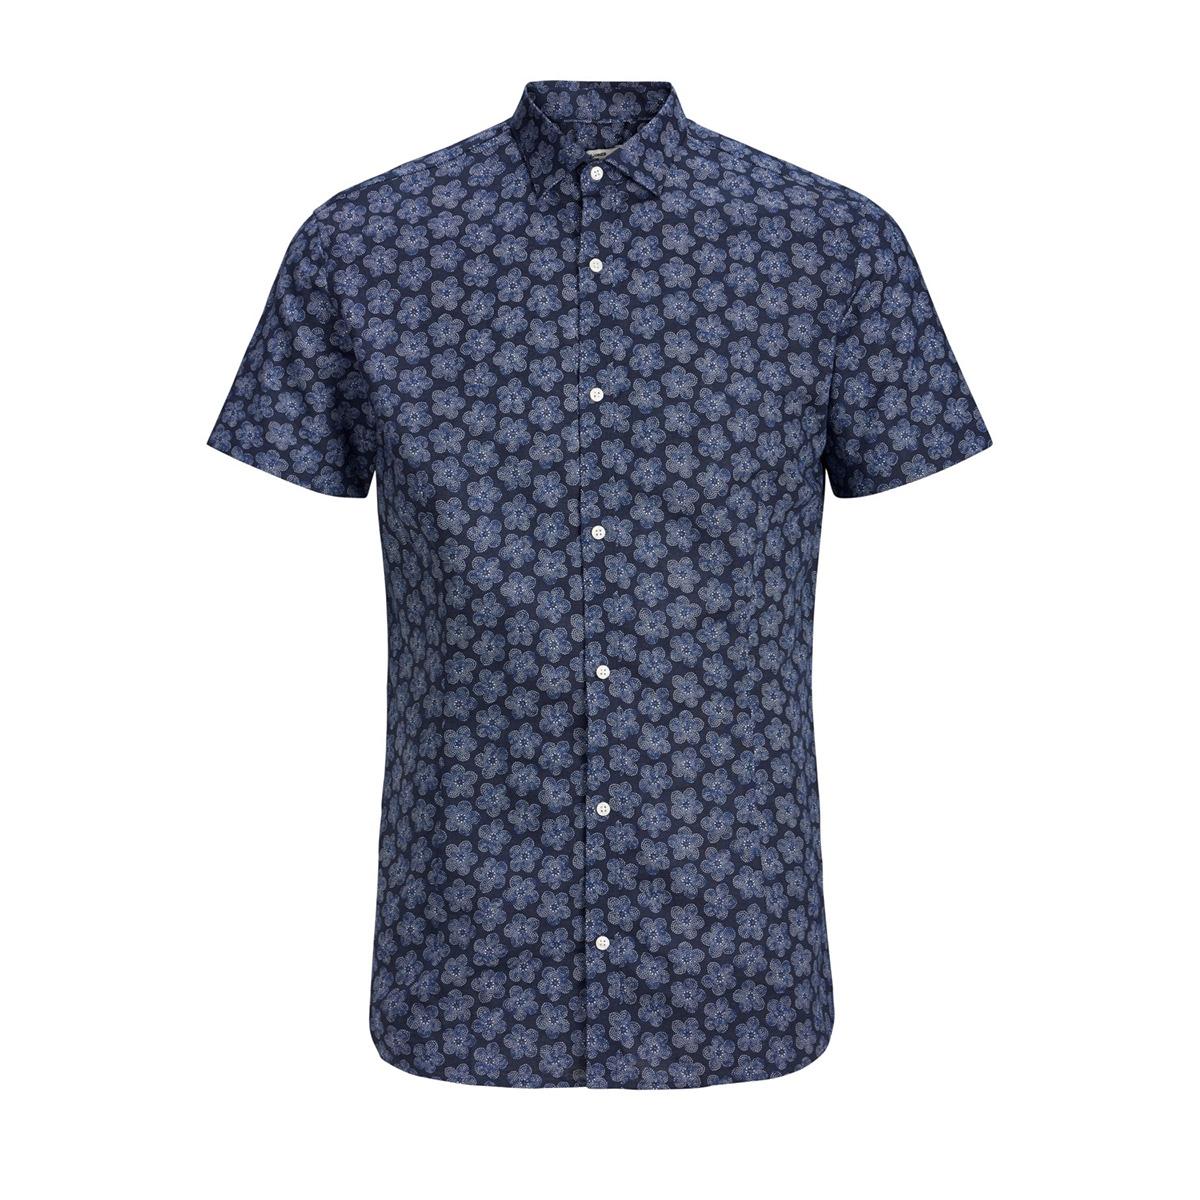 jprsummer blackburn shirt s/s 12152774 jack & jones overhemd navy blazer/slim fit